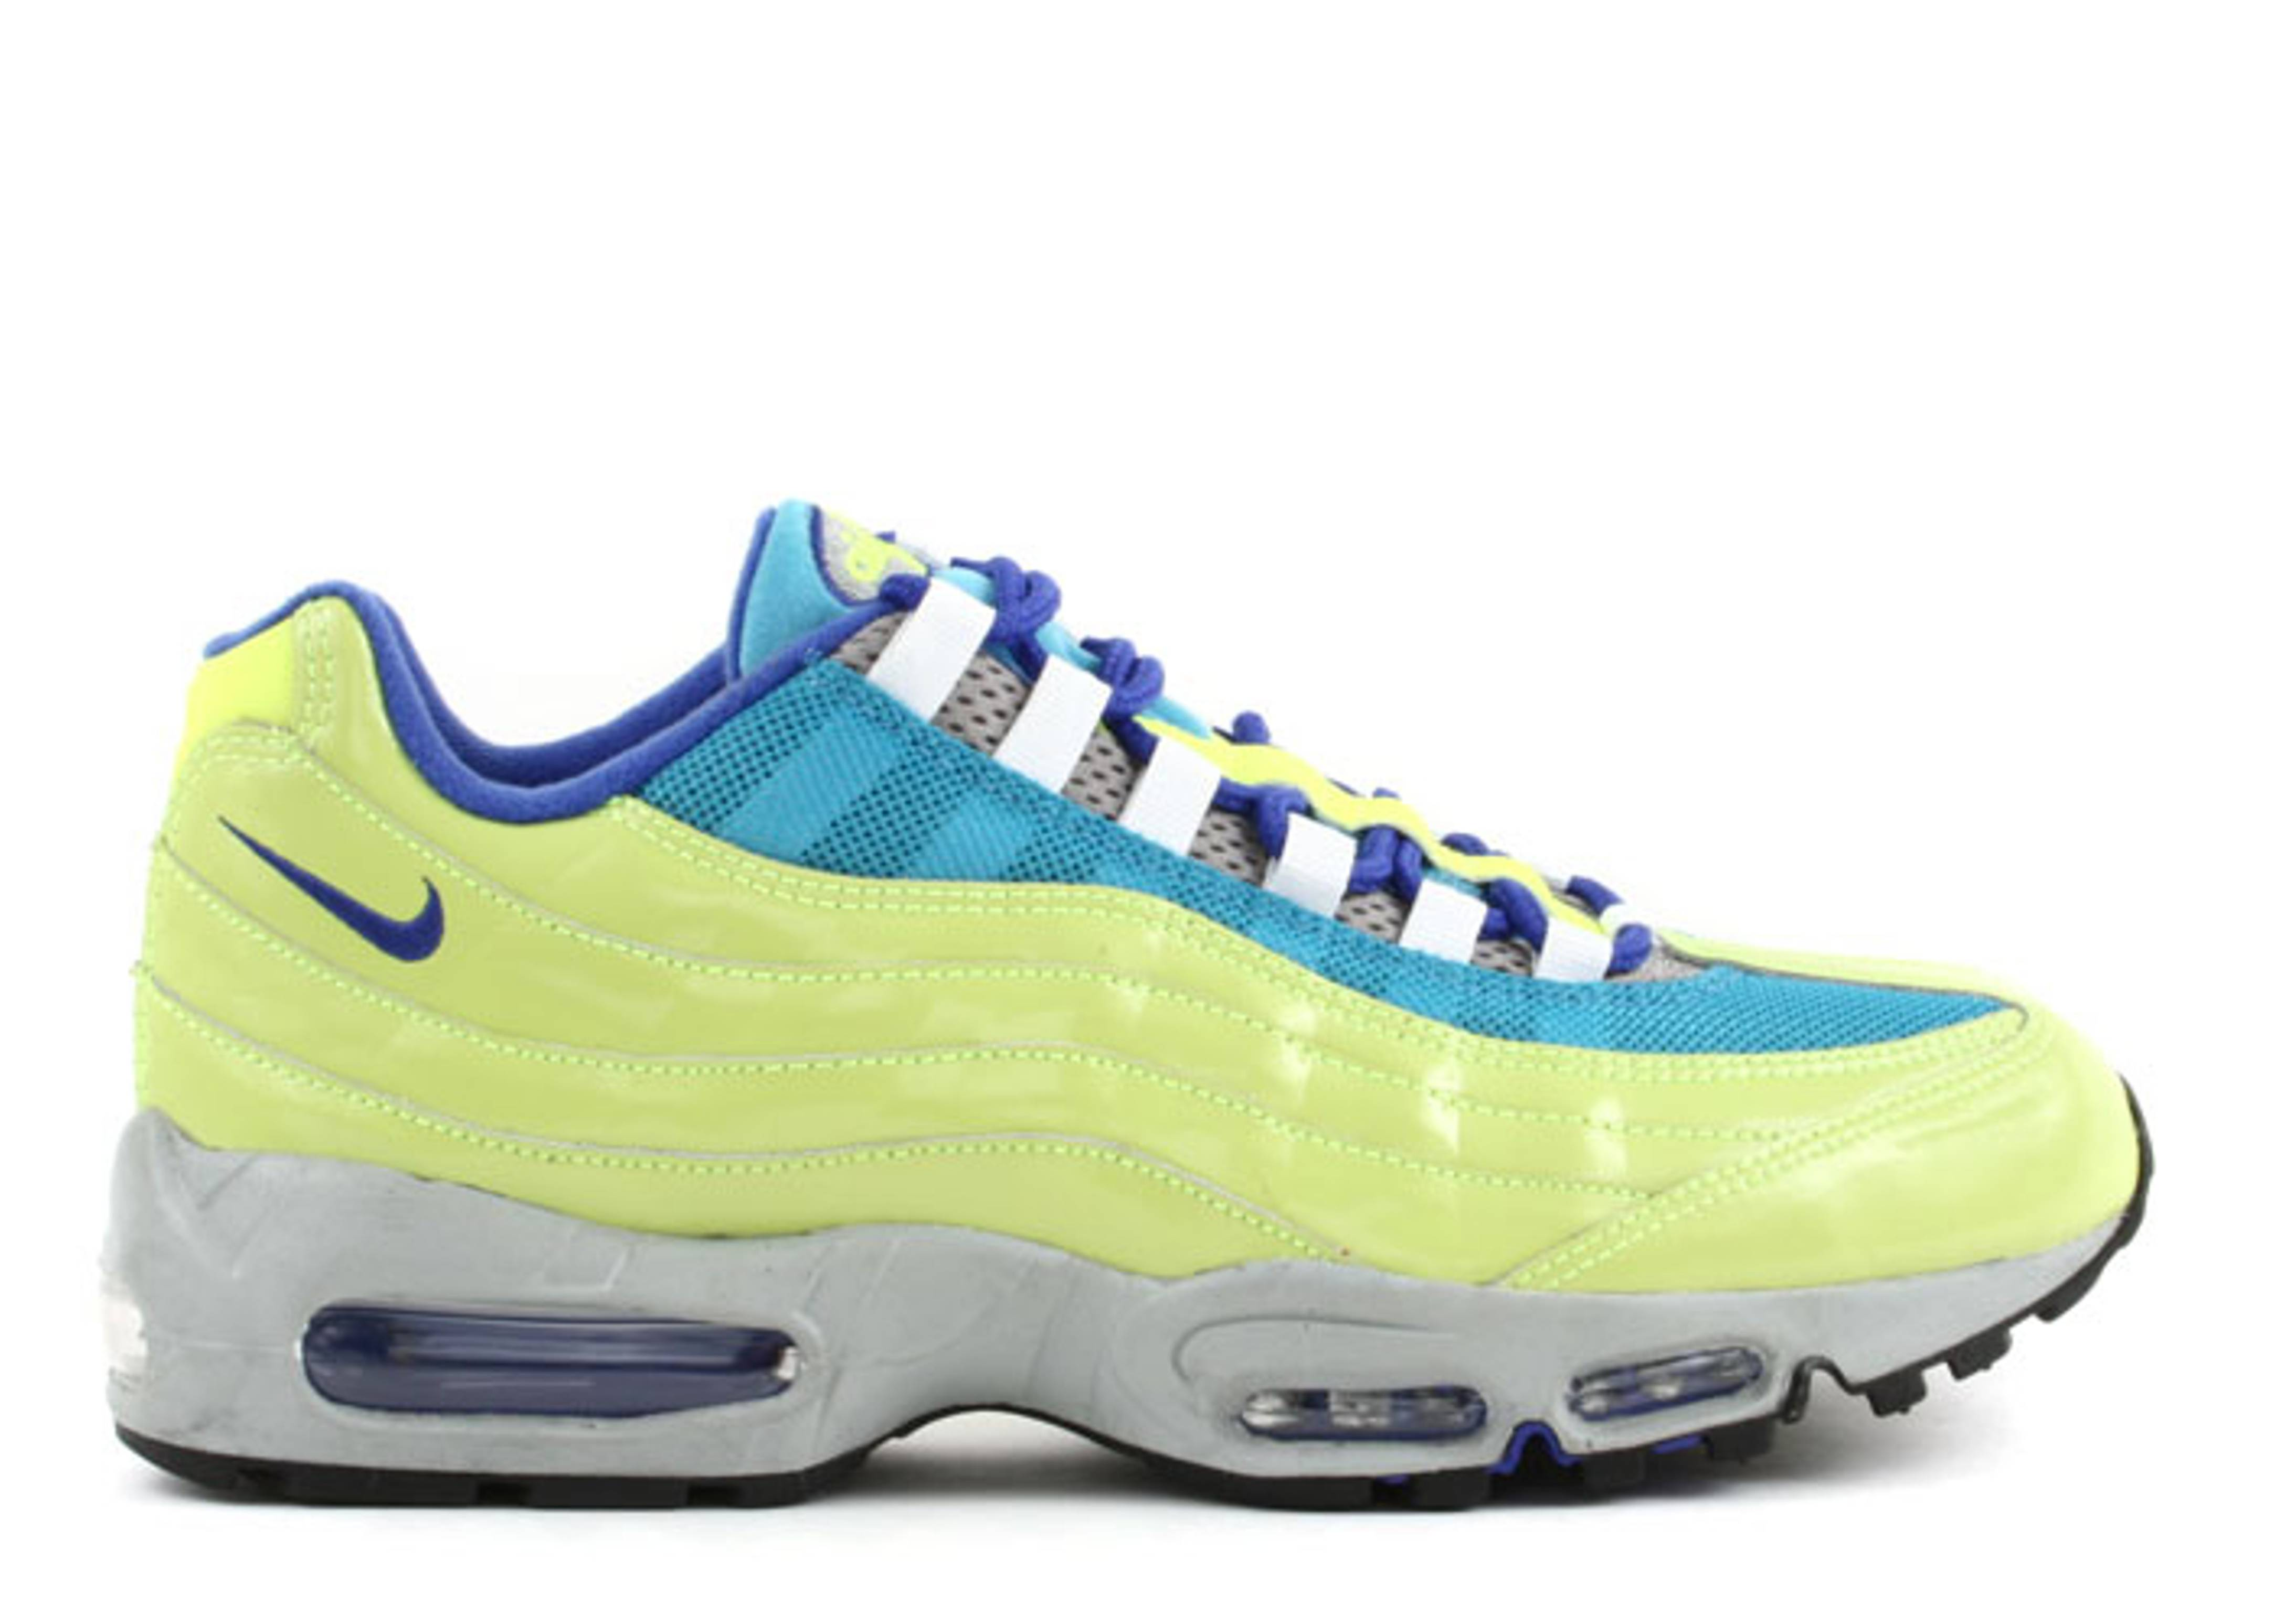 Air Max 95 Id Nike 314350 992 c neon greenteal royal